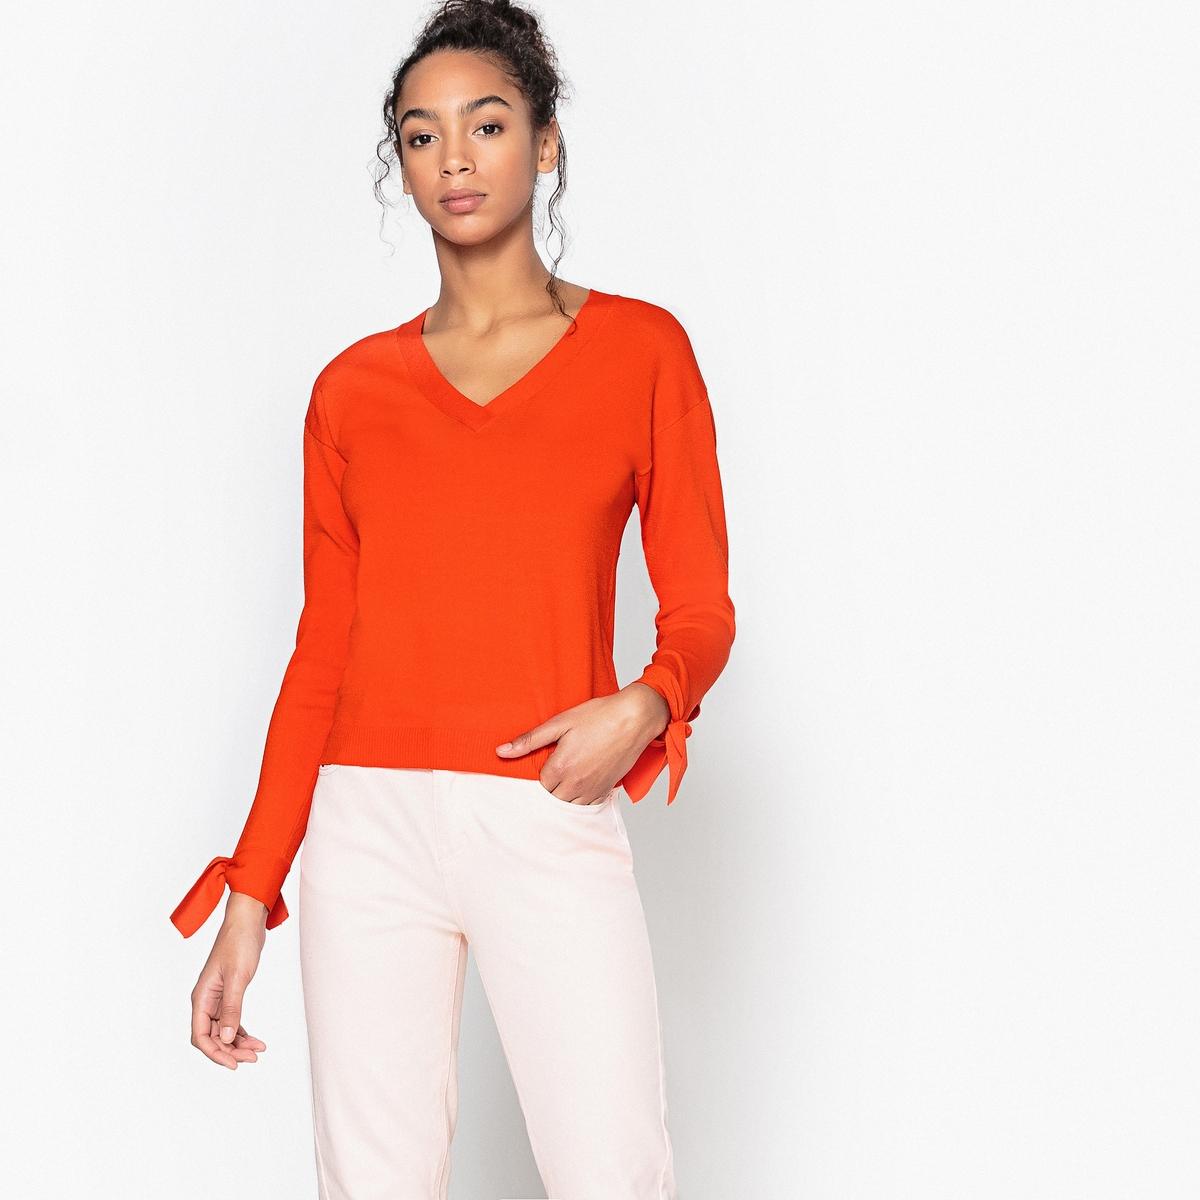 Пуловер La Redoute Из тонкого трикотажа с V-образным вырезом S оранжевый пуловер la redoute с v образным вырезом из тонкого трикотажа s черный